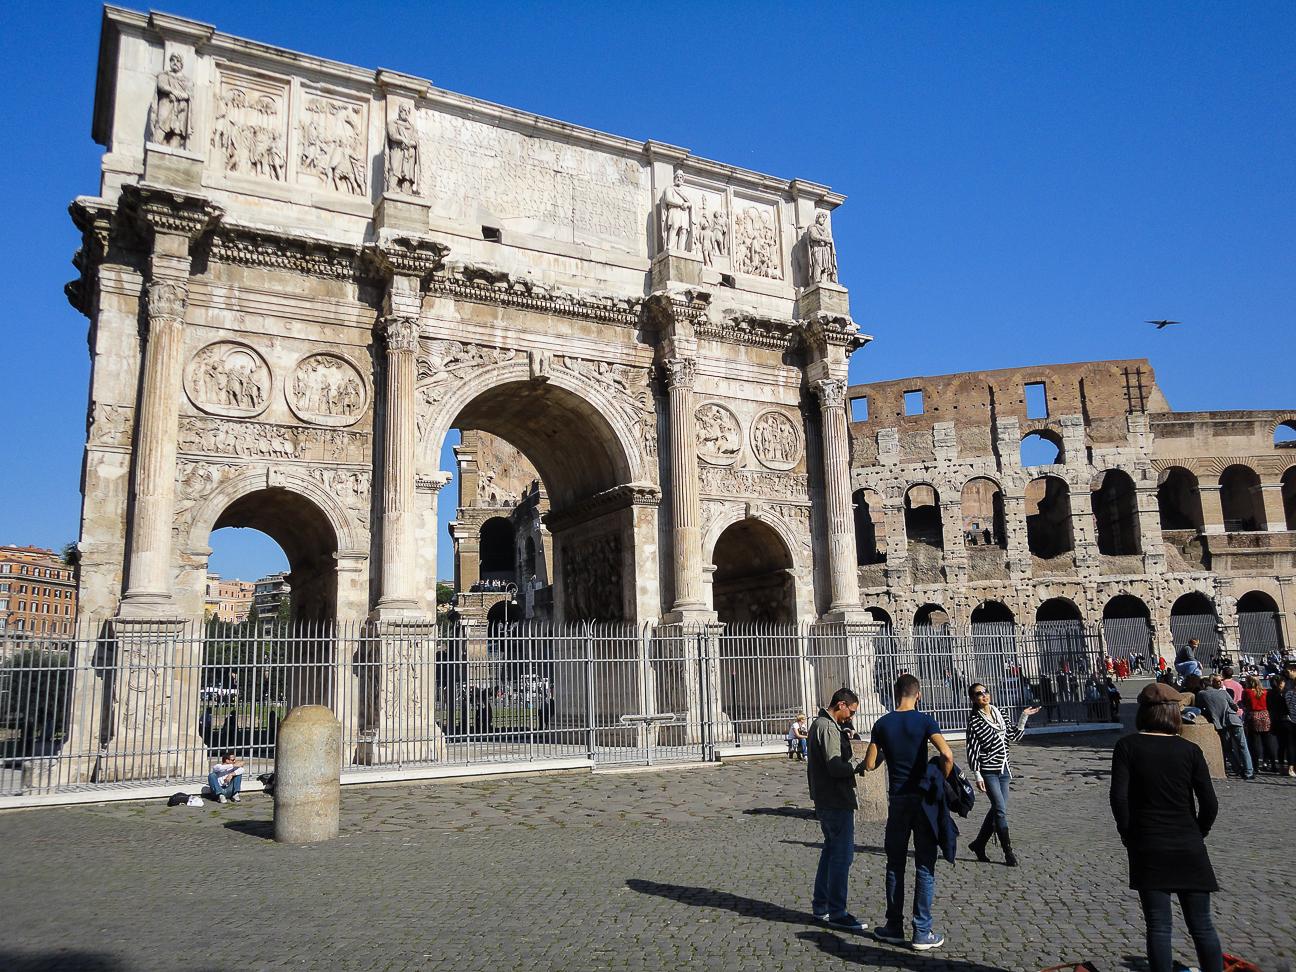 Foro romano arco de triumfo